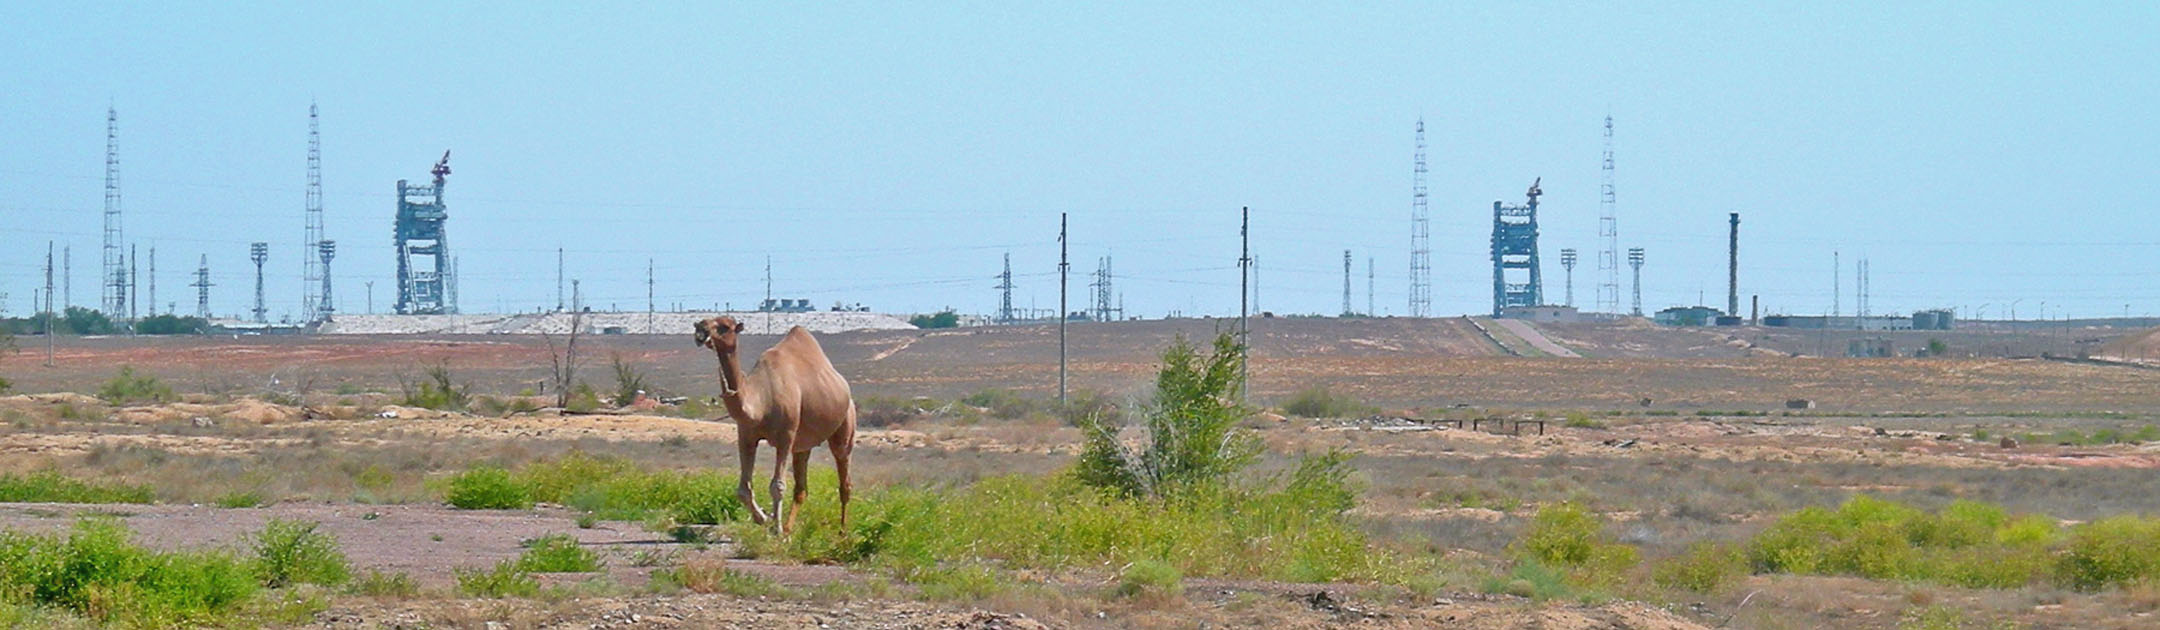 baikonur-landscape-camel-alex